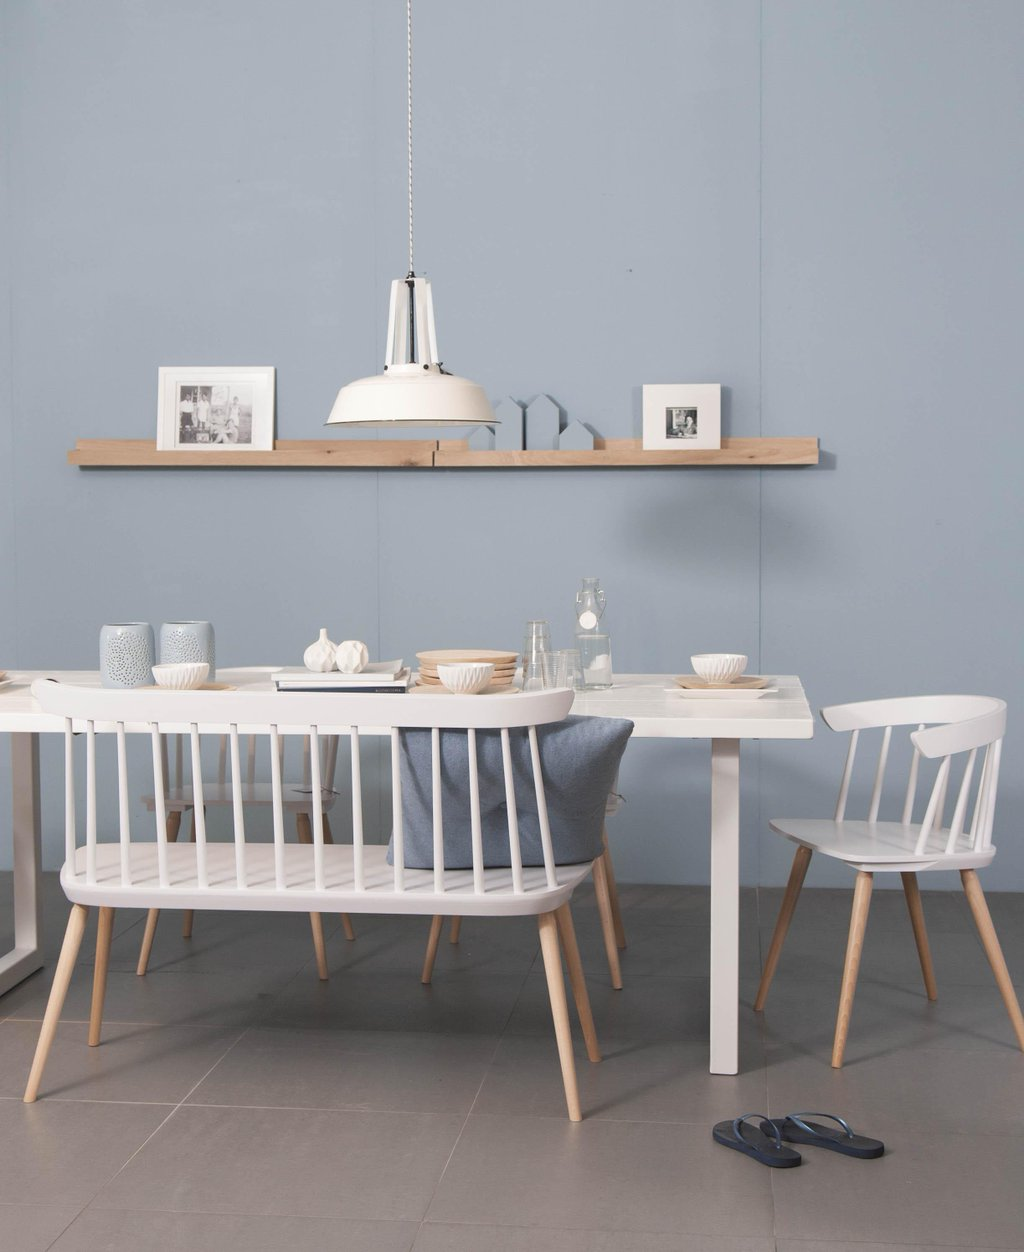 Scandinavisch interieur met houten tafel en stoeltjes - House of MayFlower